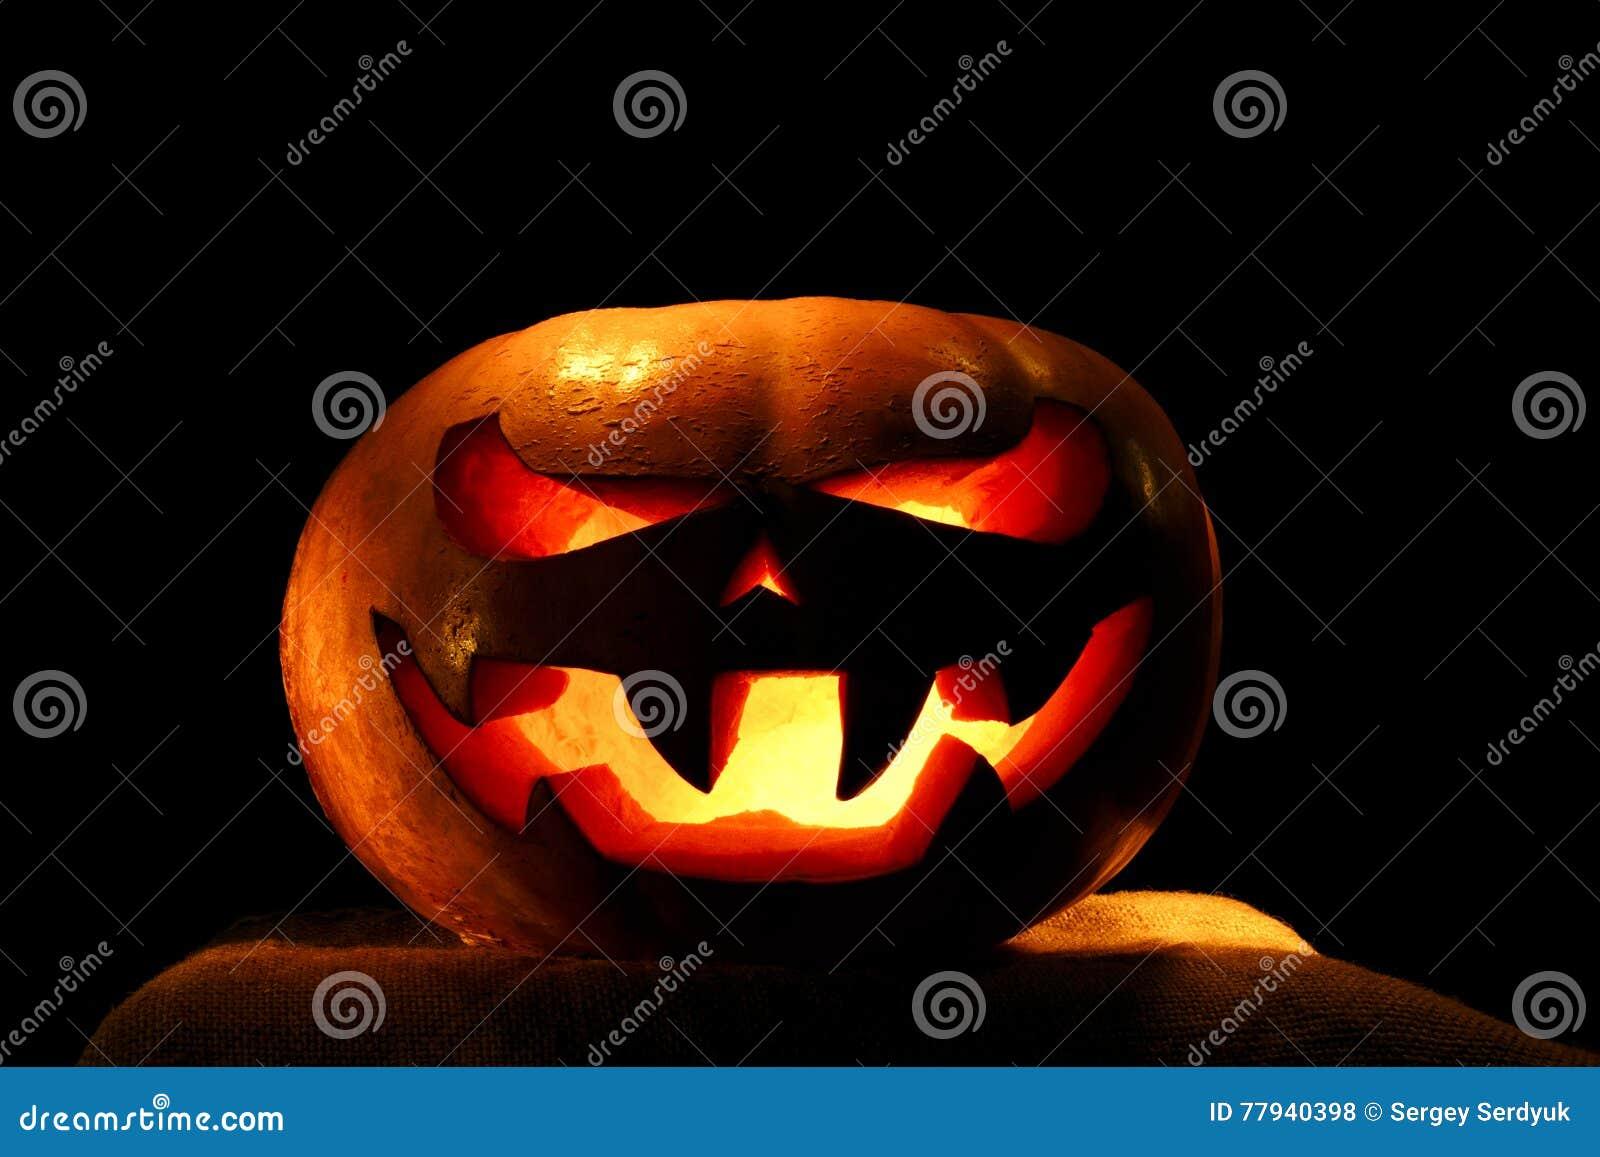 Halloween Verlichting.Zeer Enge Die Halloween Pompoen Op Zwarte Achtergrond Met I